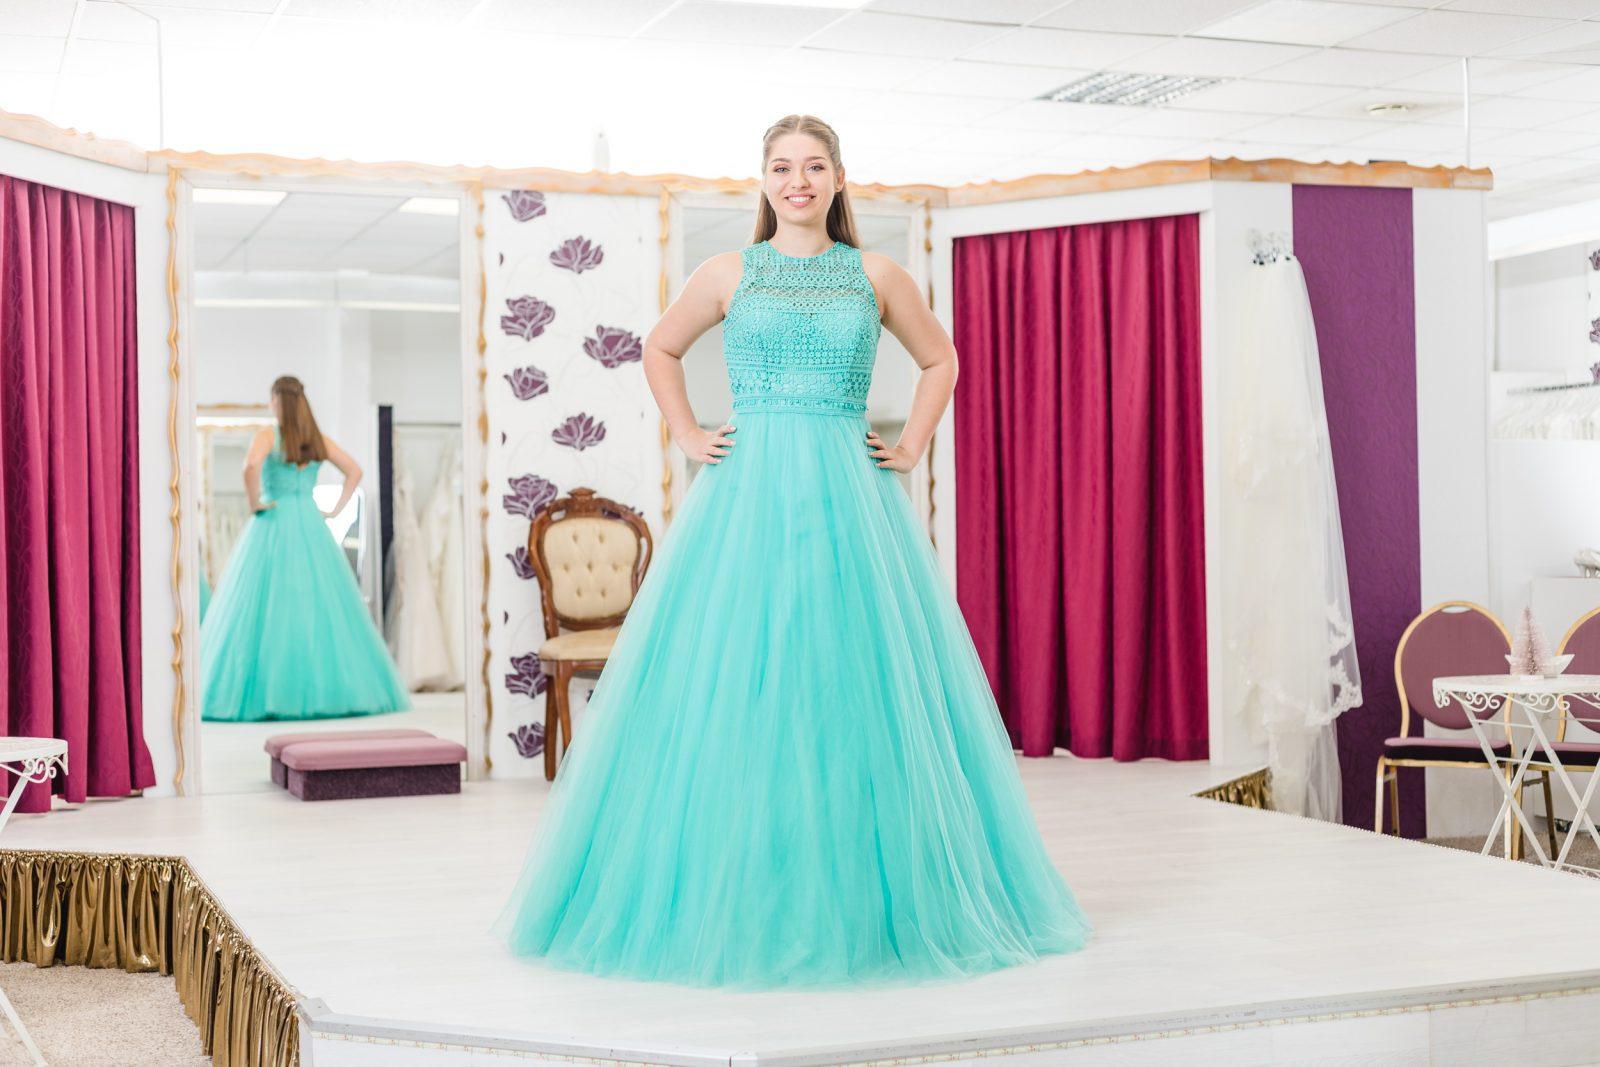 17 Einzigartig Abendkleider Unna Spezialgebiet20 Cool Abendkleider Unna Ärmel